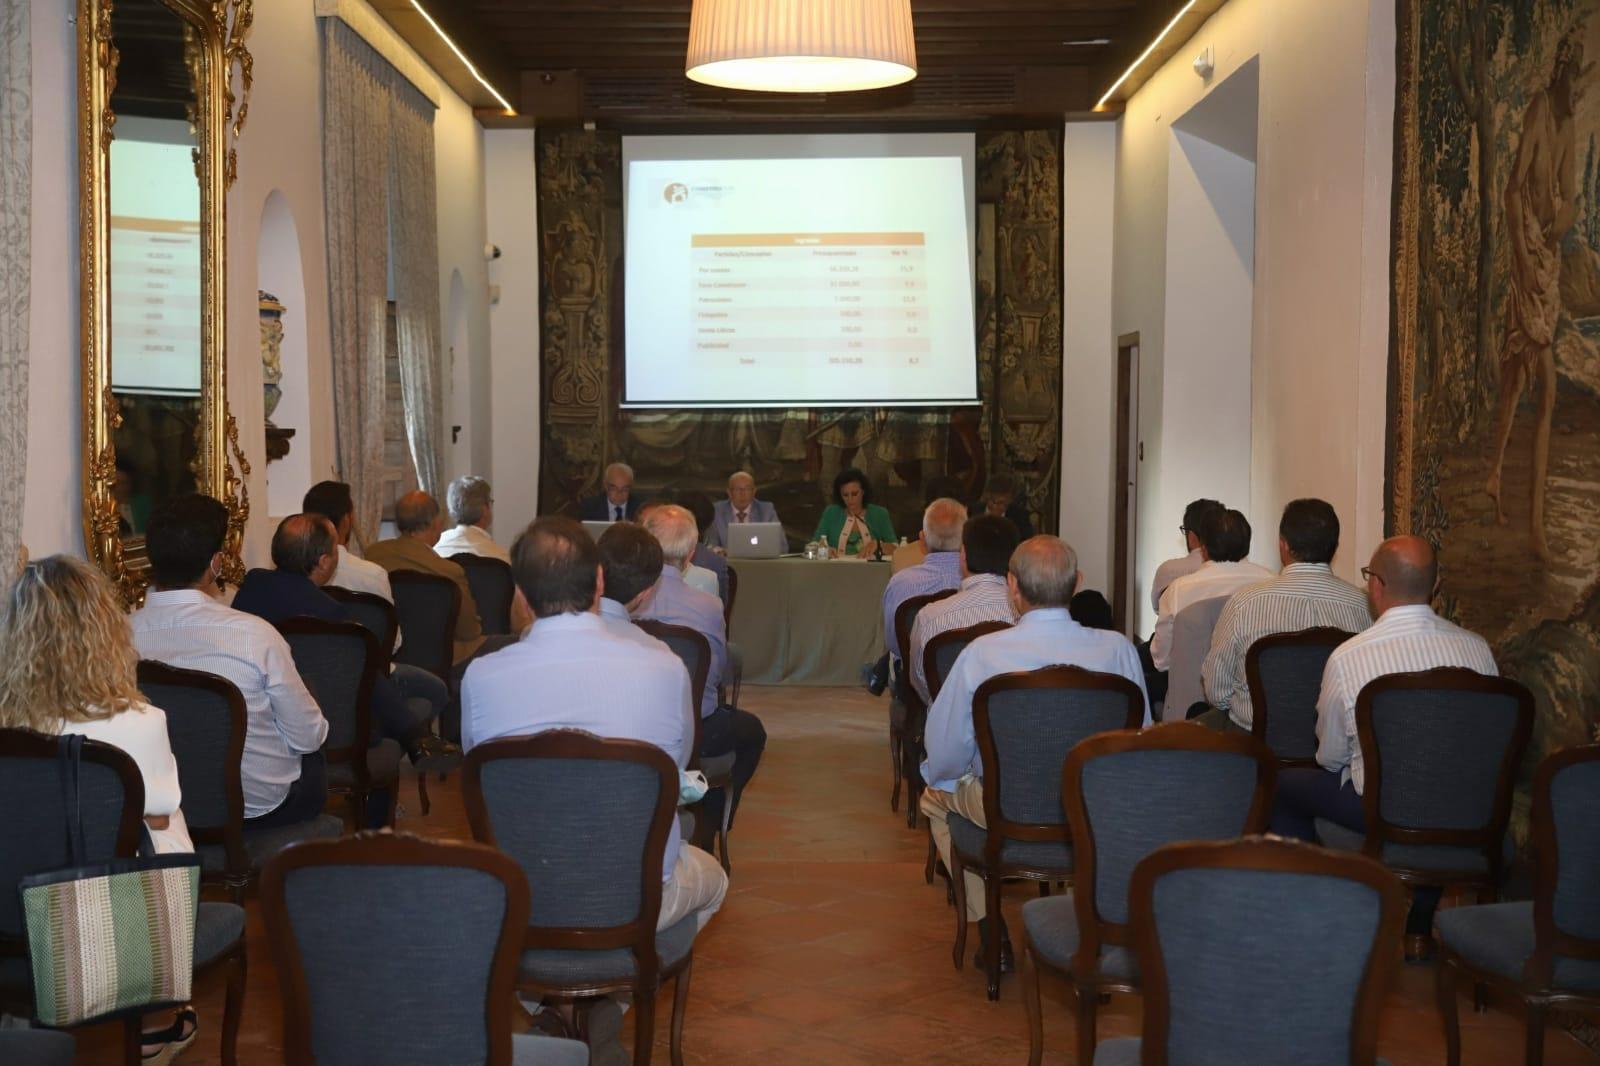 Construcor pide la mejora de los procesos de licitación pública para favorecer el empleo y la recuperación de la economía cordobesa